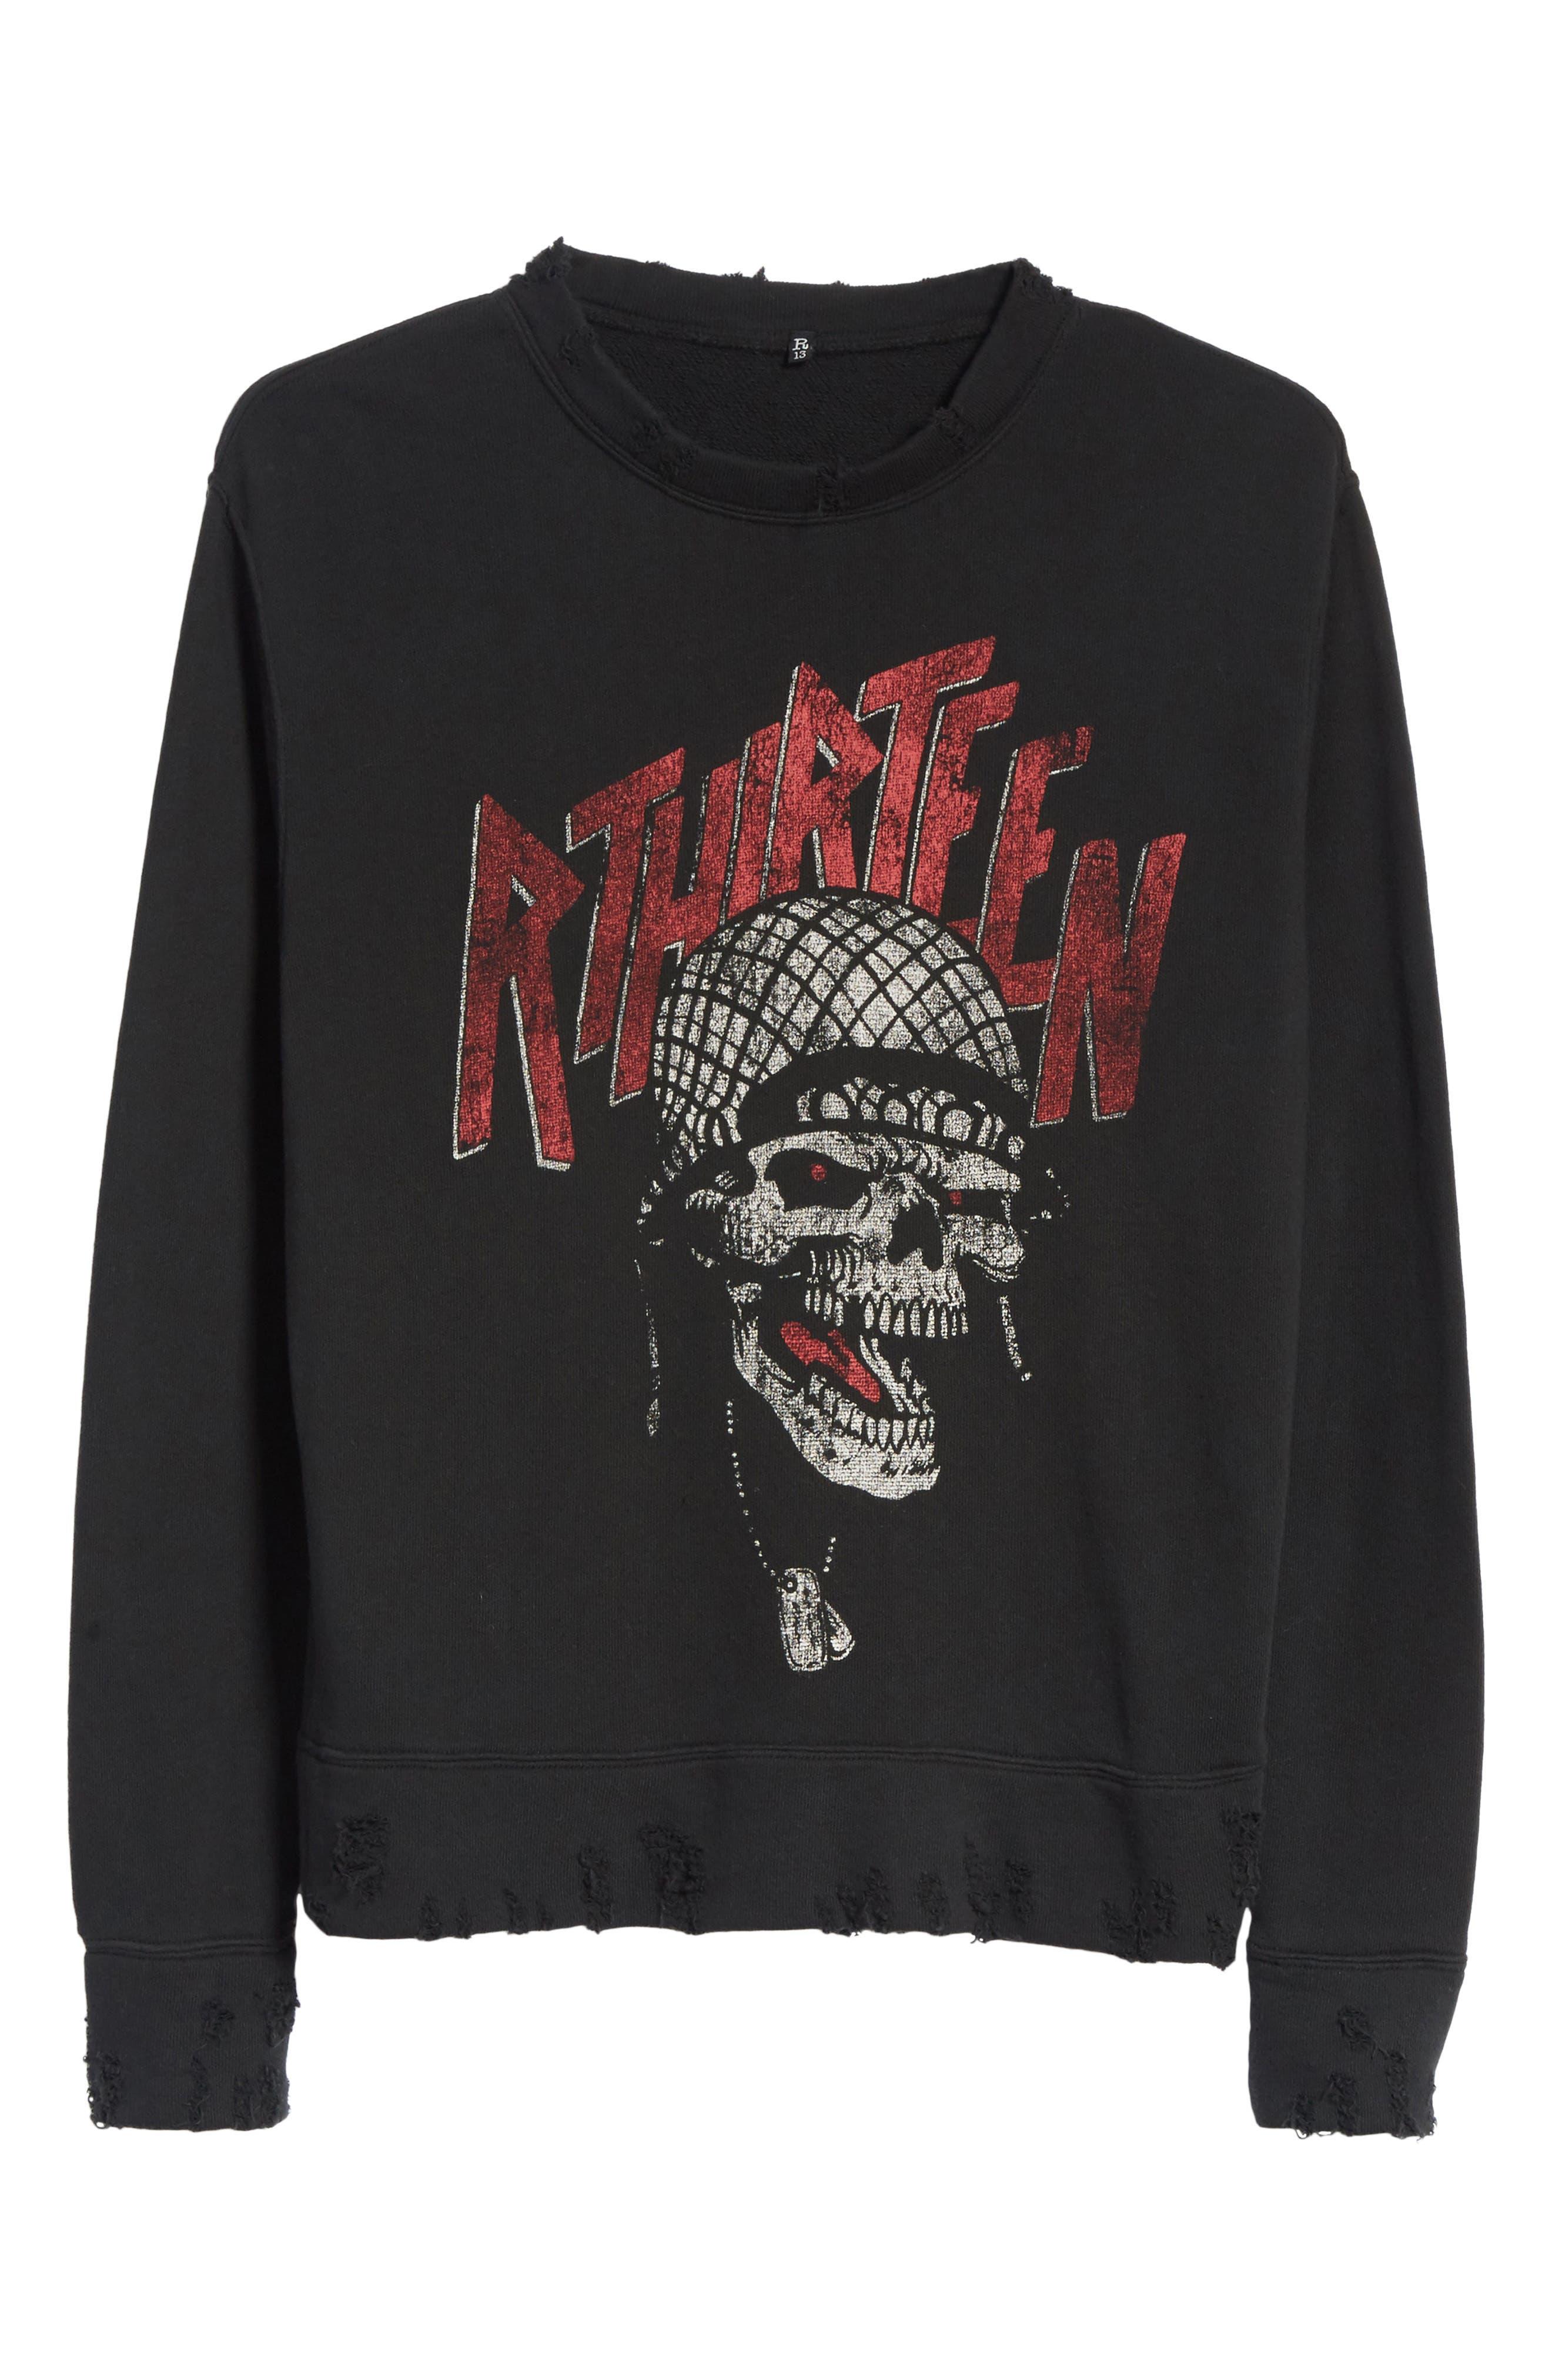 Battle Punk Graphic Sweatshirt,                             Alternate thumbnail 6, color,                             001